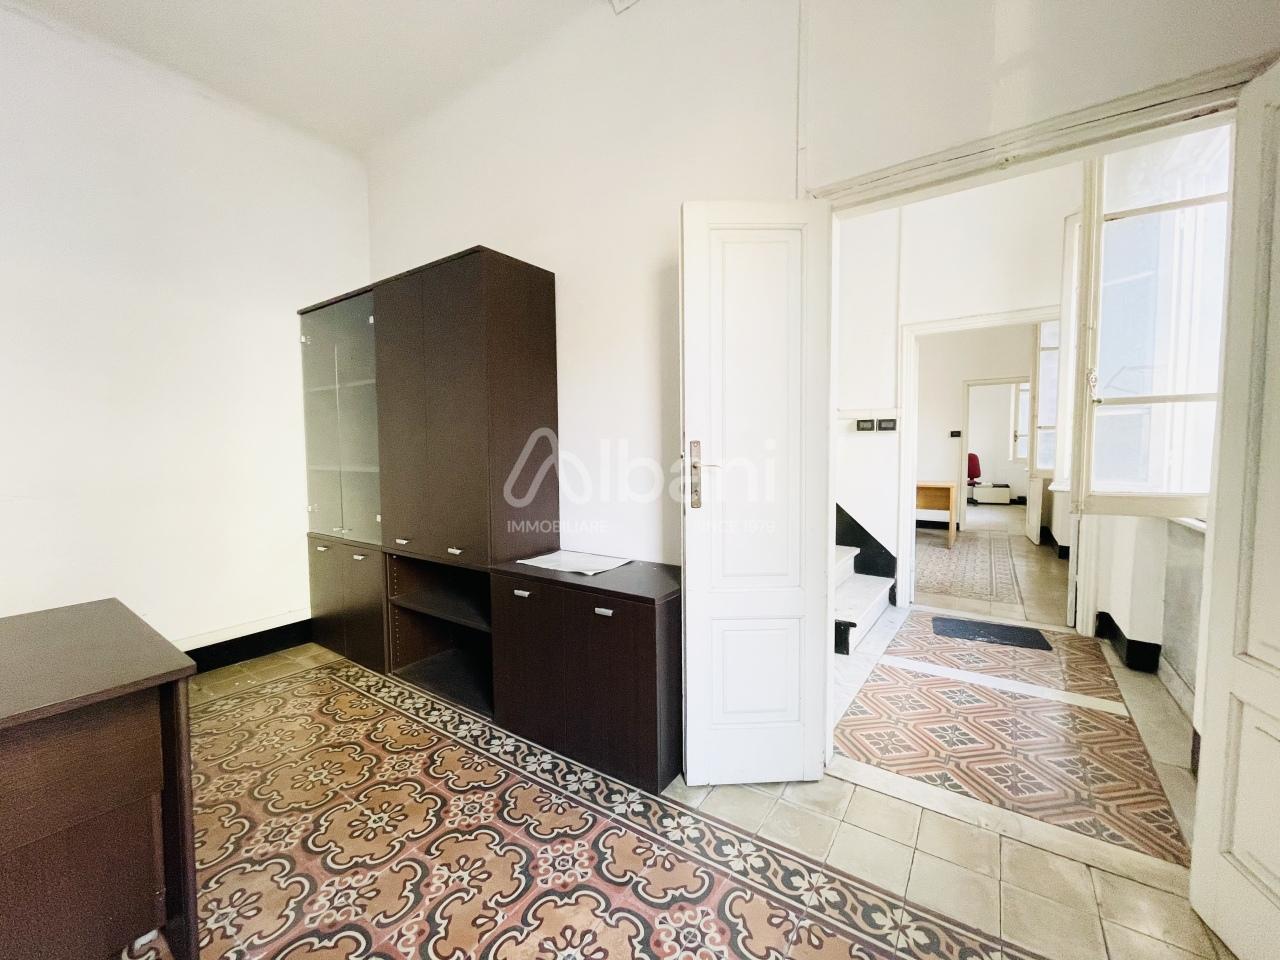 Soluzione Indipendente in vendita a Vezzano Ligure, 3 locali, prezzo € 82.000 | PortaleAgenzieImmobiliari.it